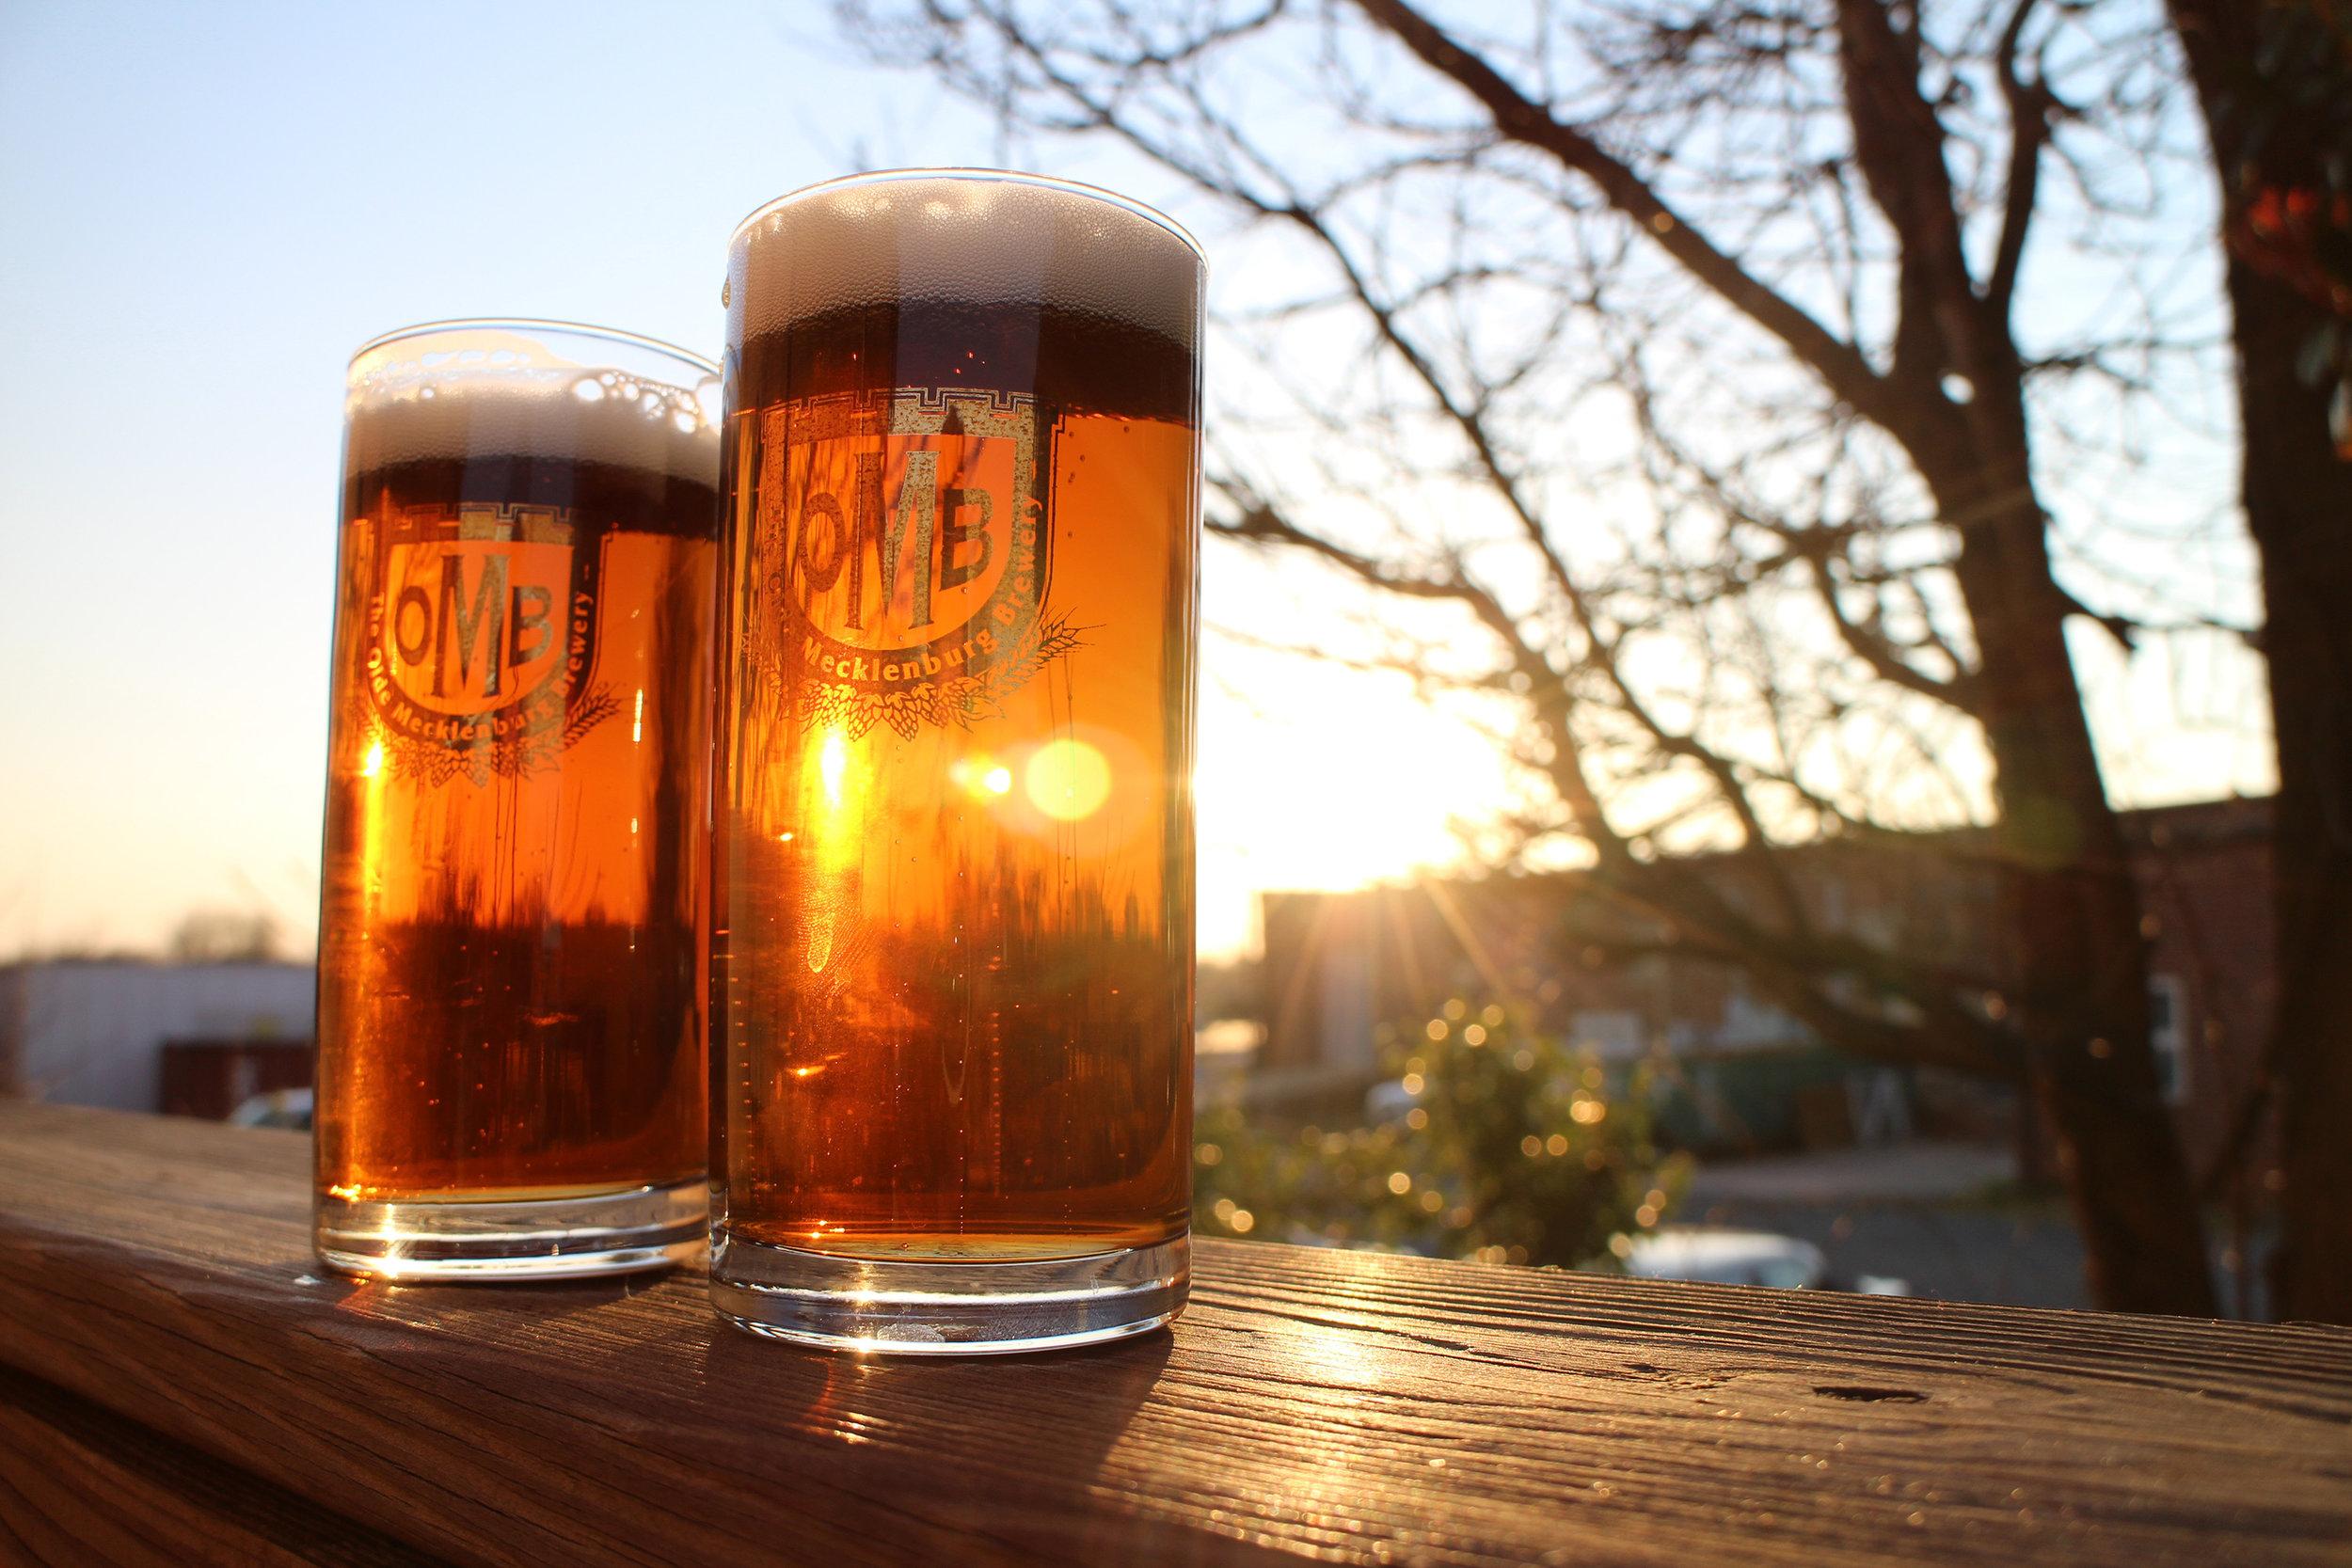 Beer-at-the-Olde-Mecklenburg-Brewery-in-Charlotte.jpg